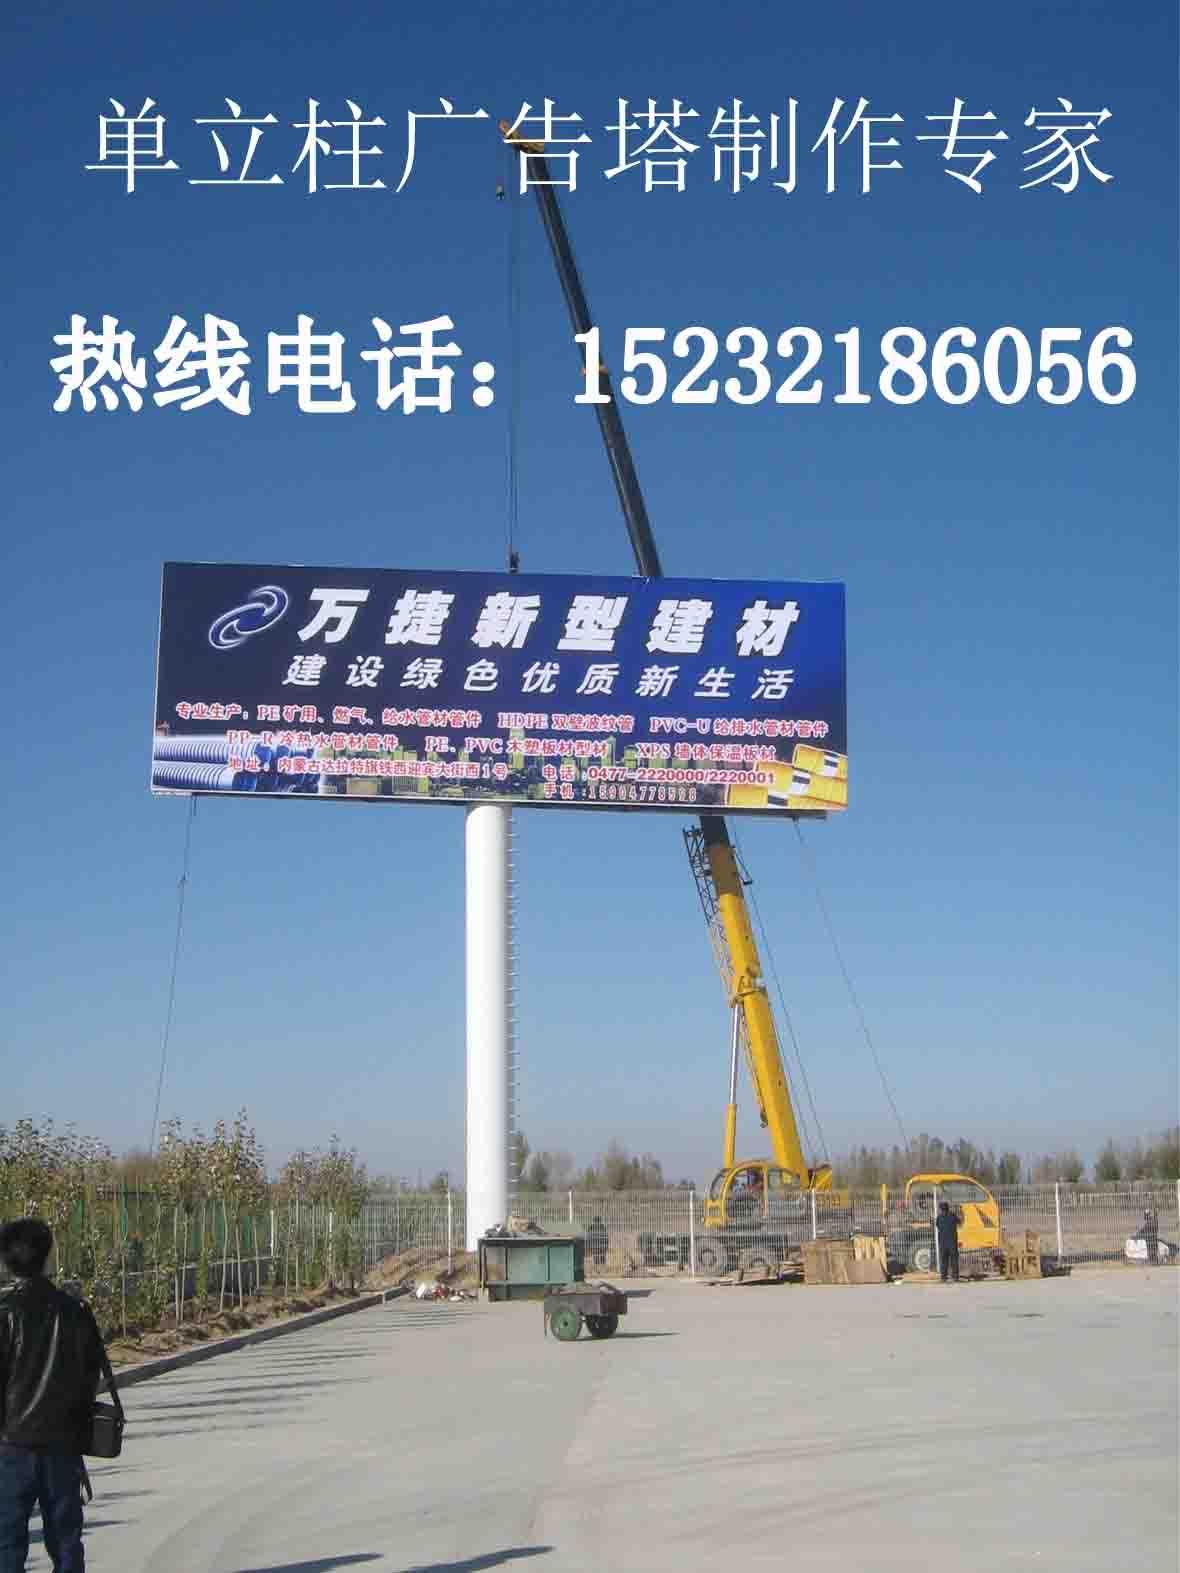 武威市广告塔单立柱制作价格 塔牌 户外广告